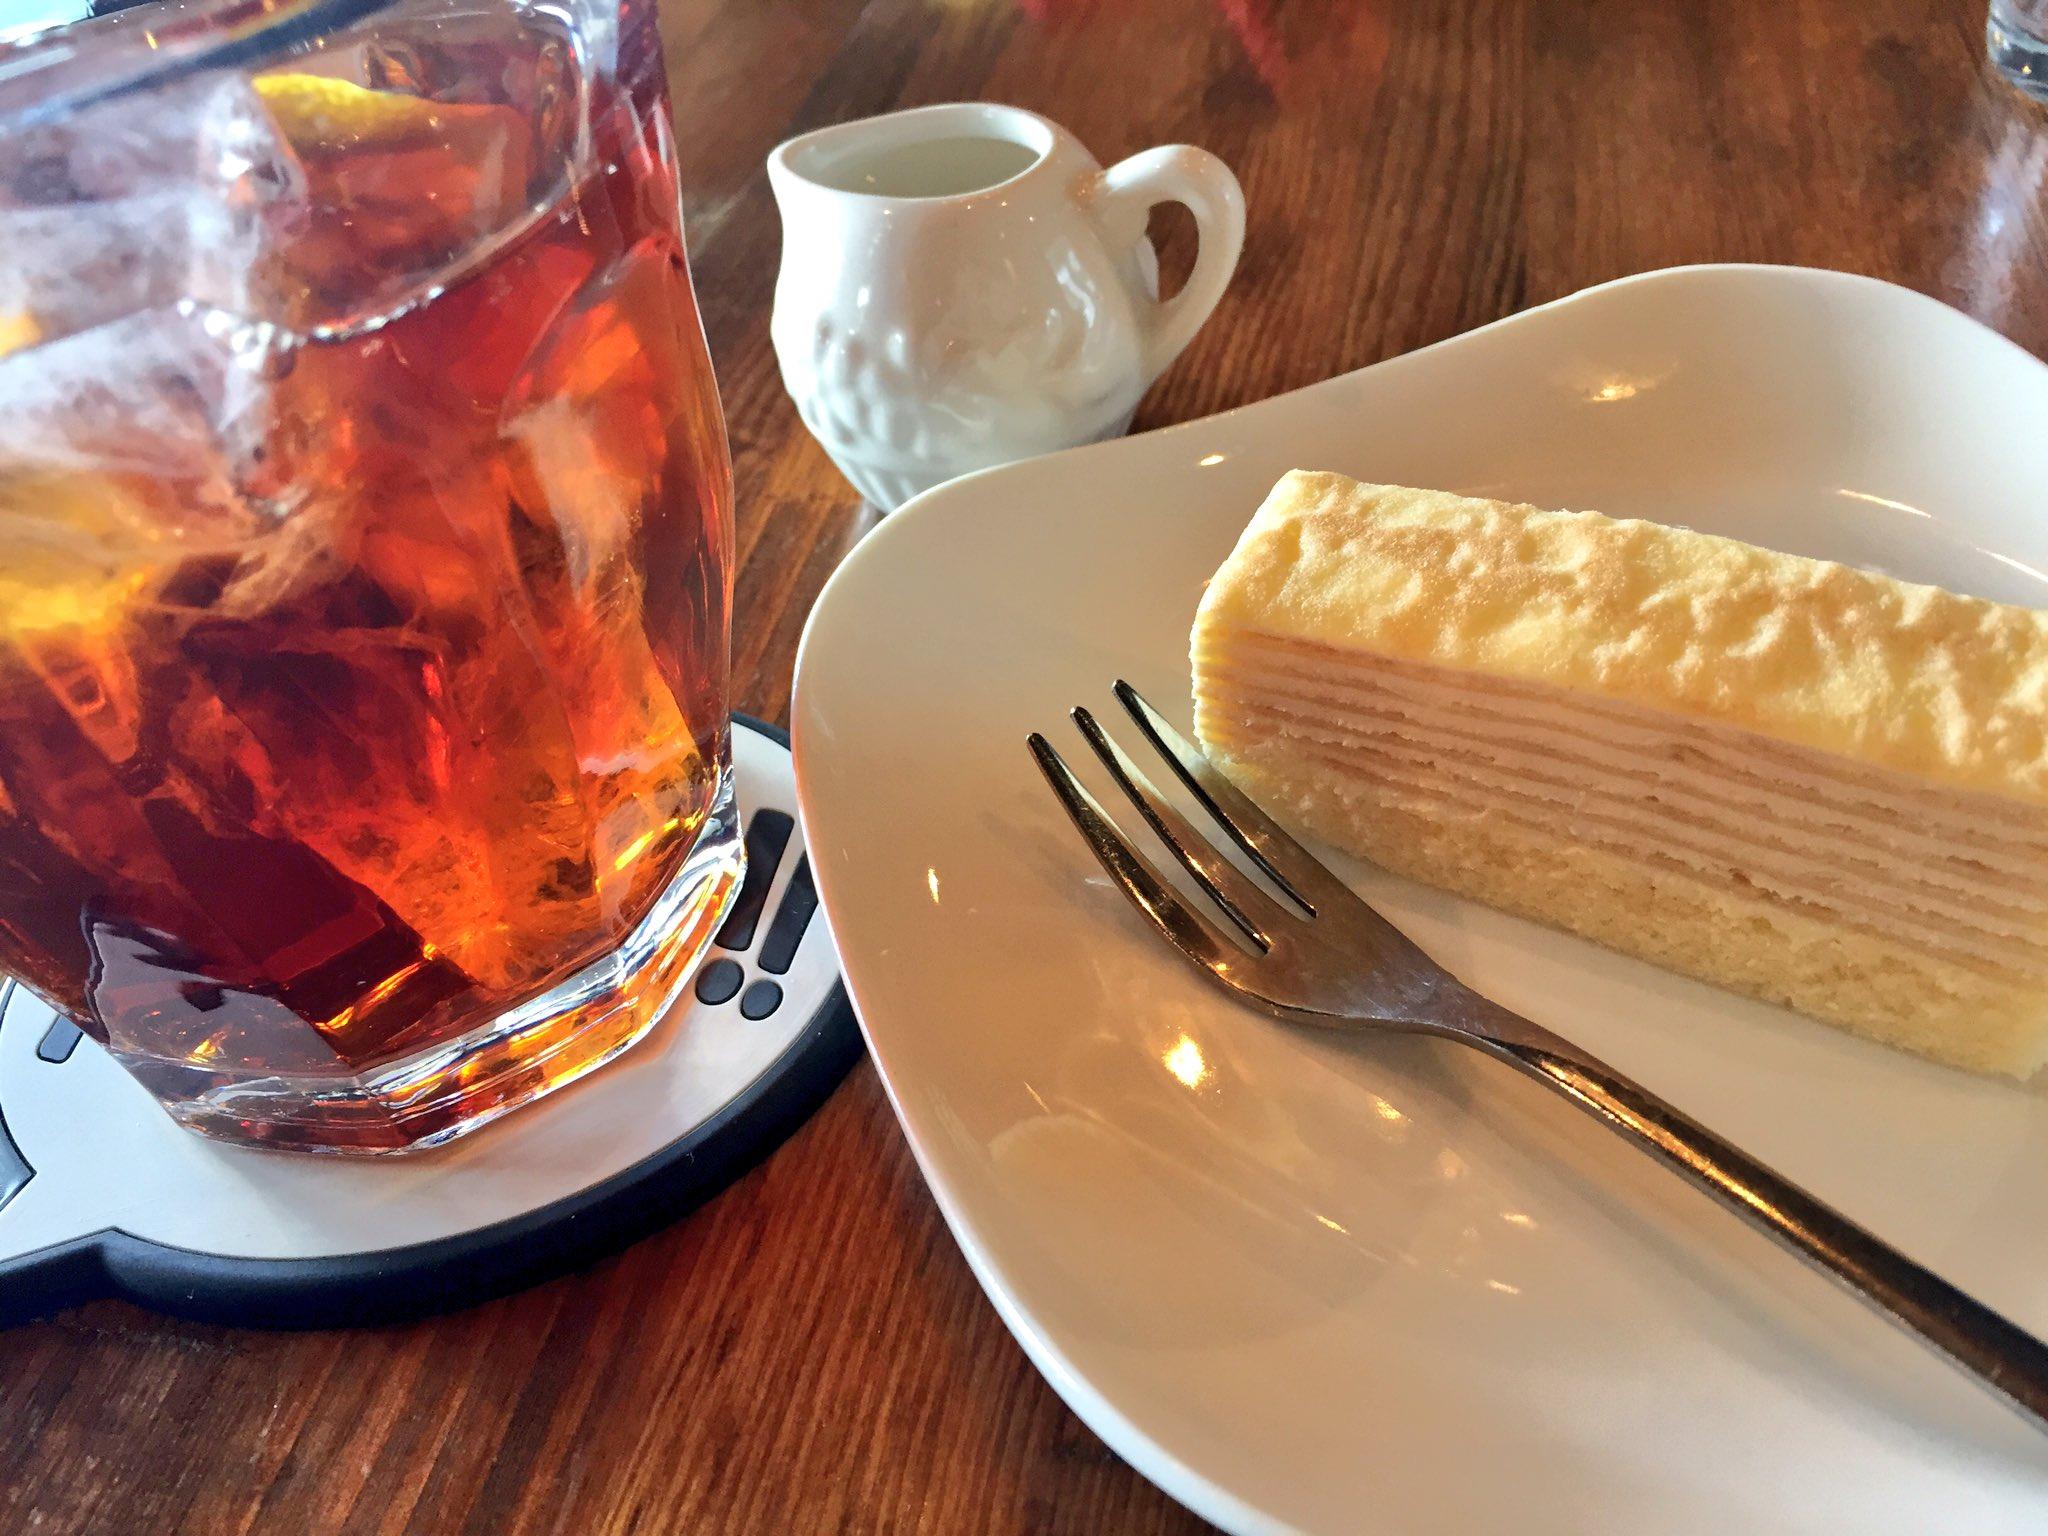 桑名市にあるQueen's Soup Cafeのケーキ&アイスティー